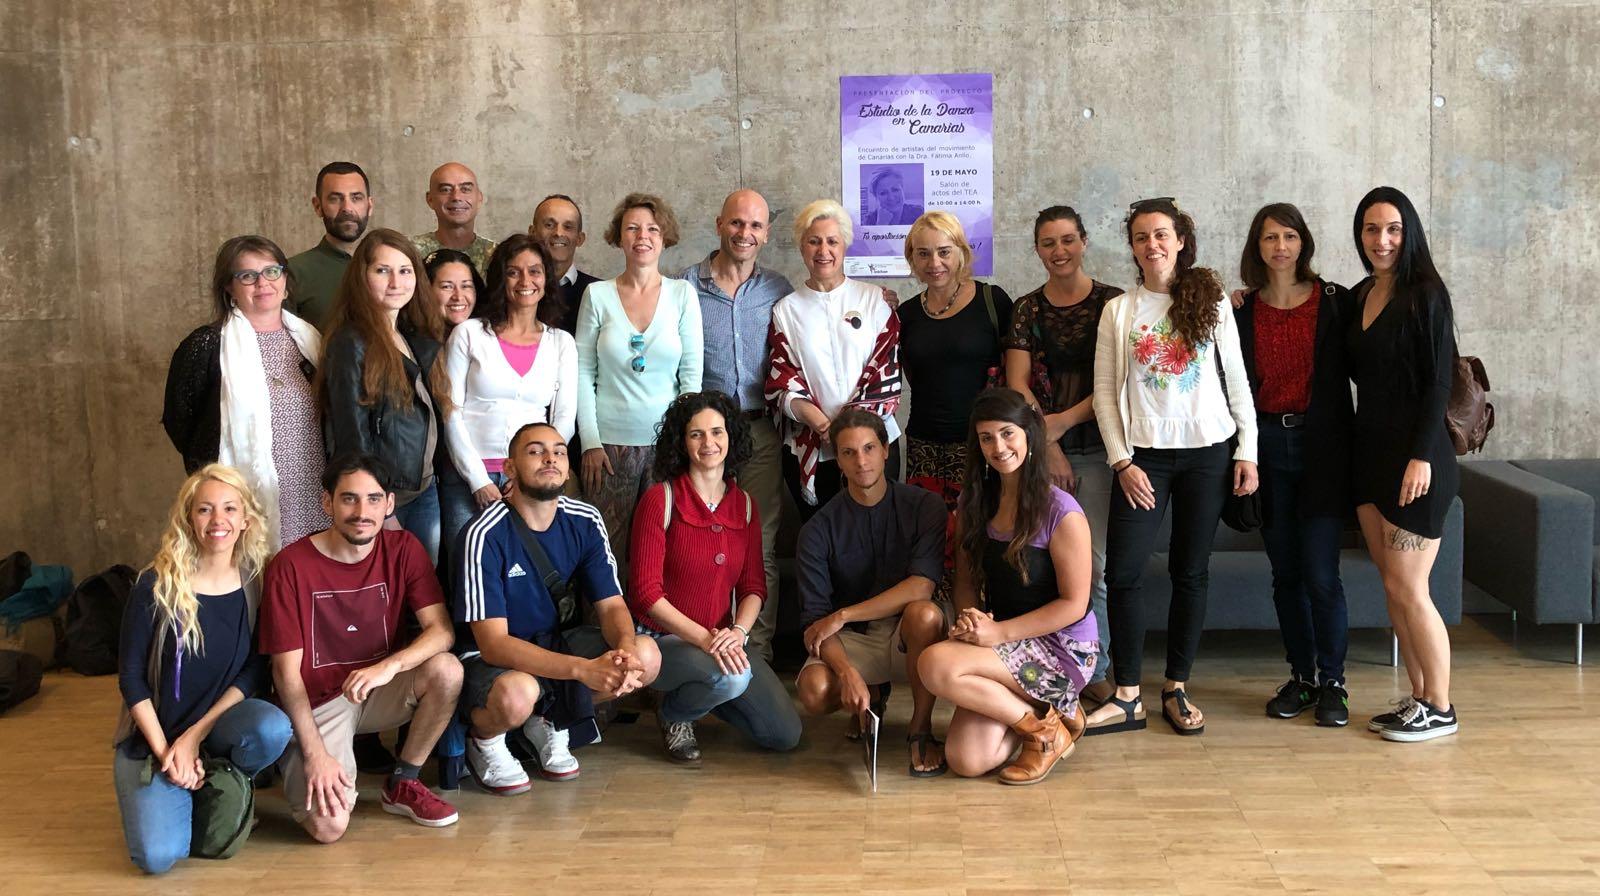 Las compañías de danza independiente de Canarias son las más frágiles, vulnerables y precarias de España